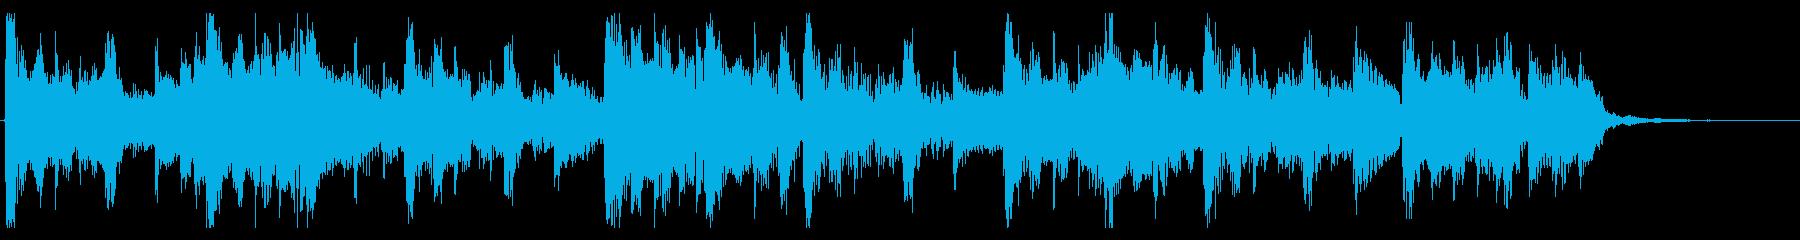 優しいR&B_No644_4の再生済みの波形